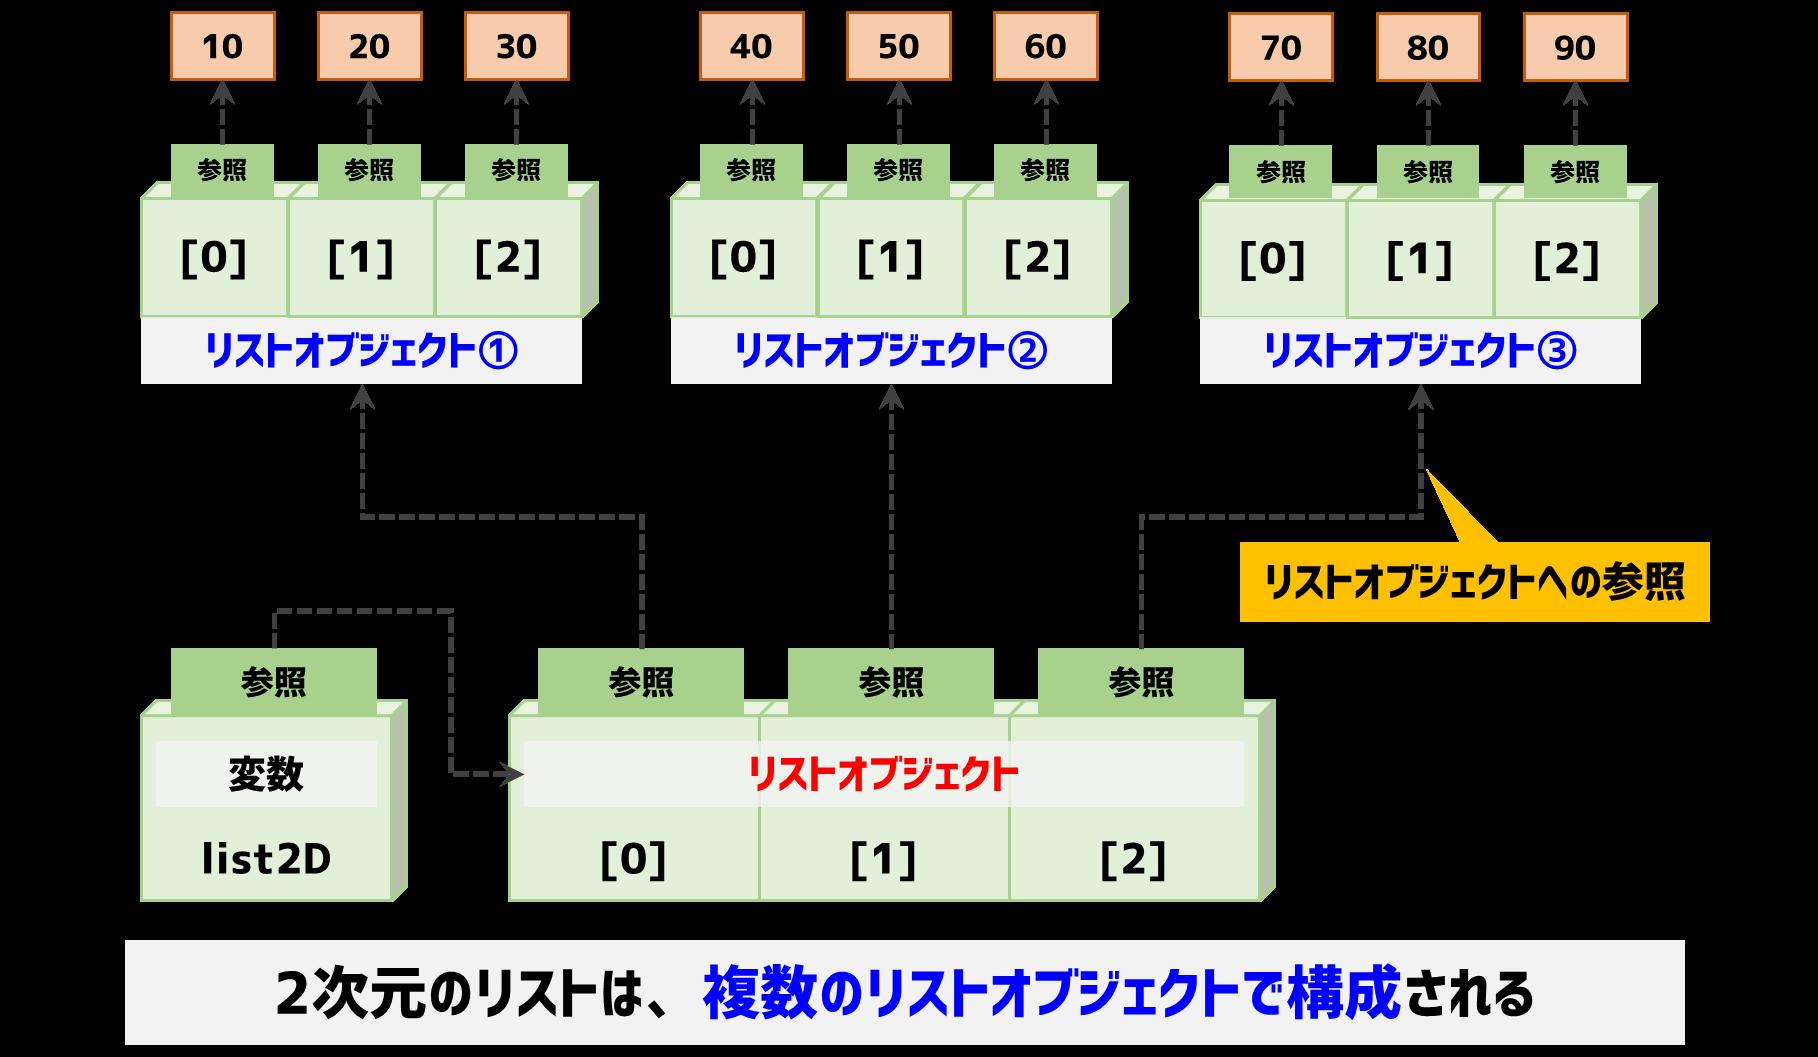 2次元のリストオブジェクト